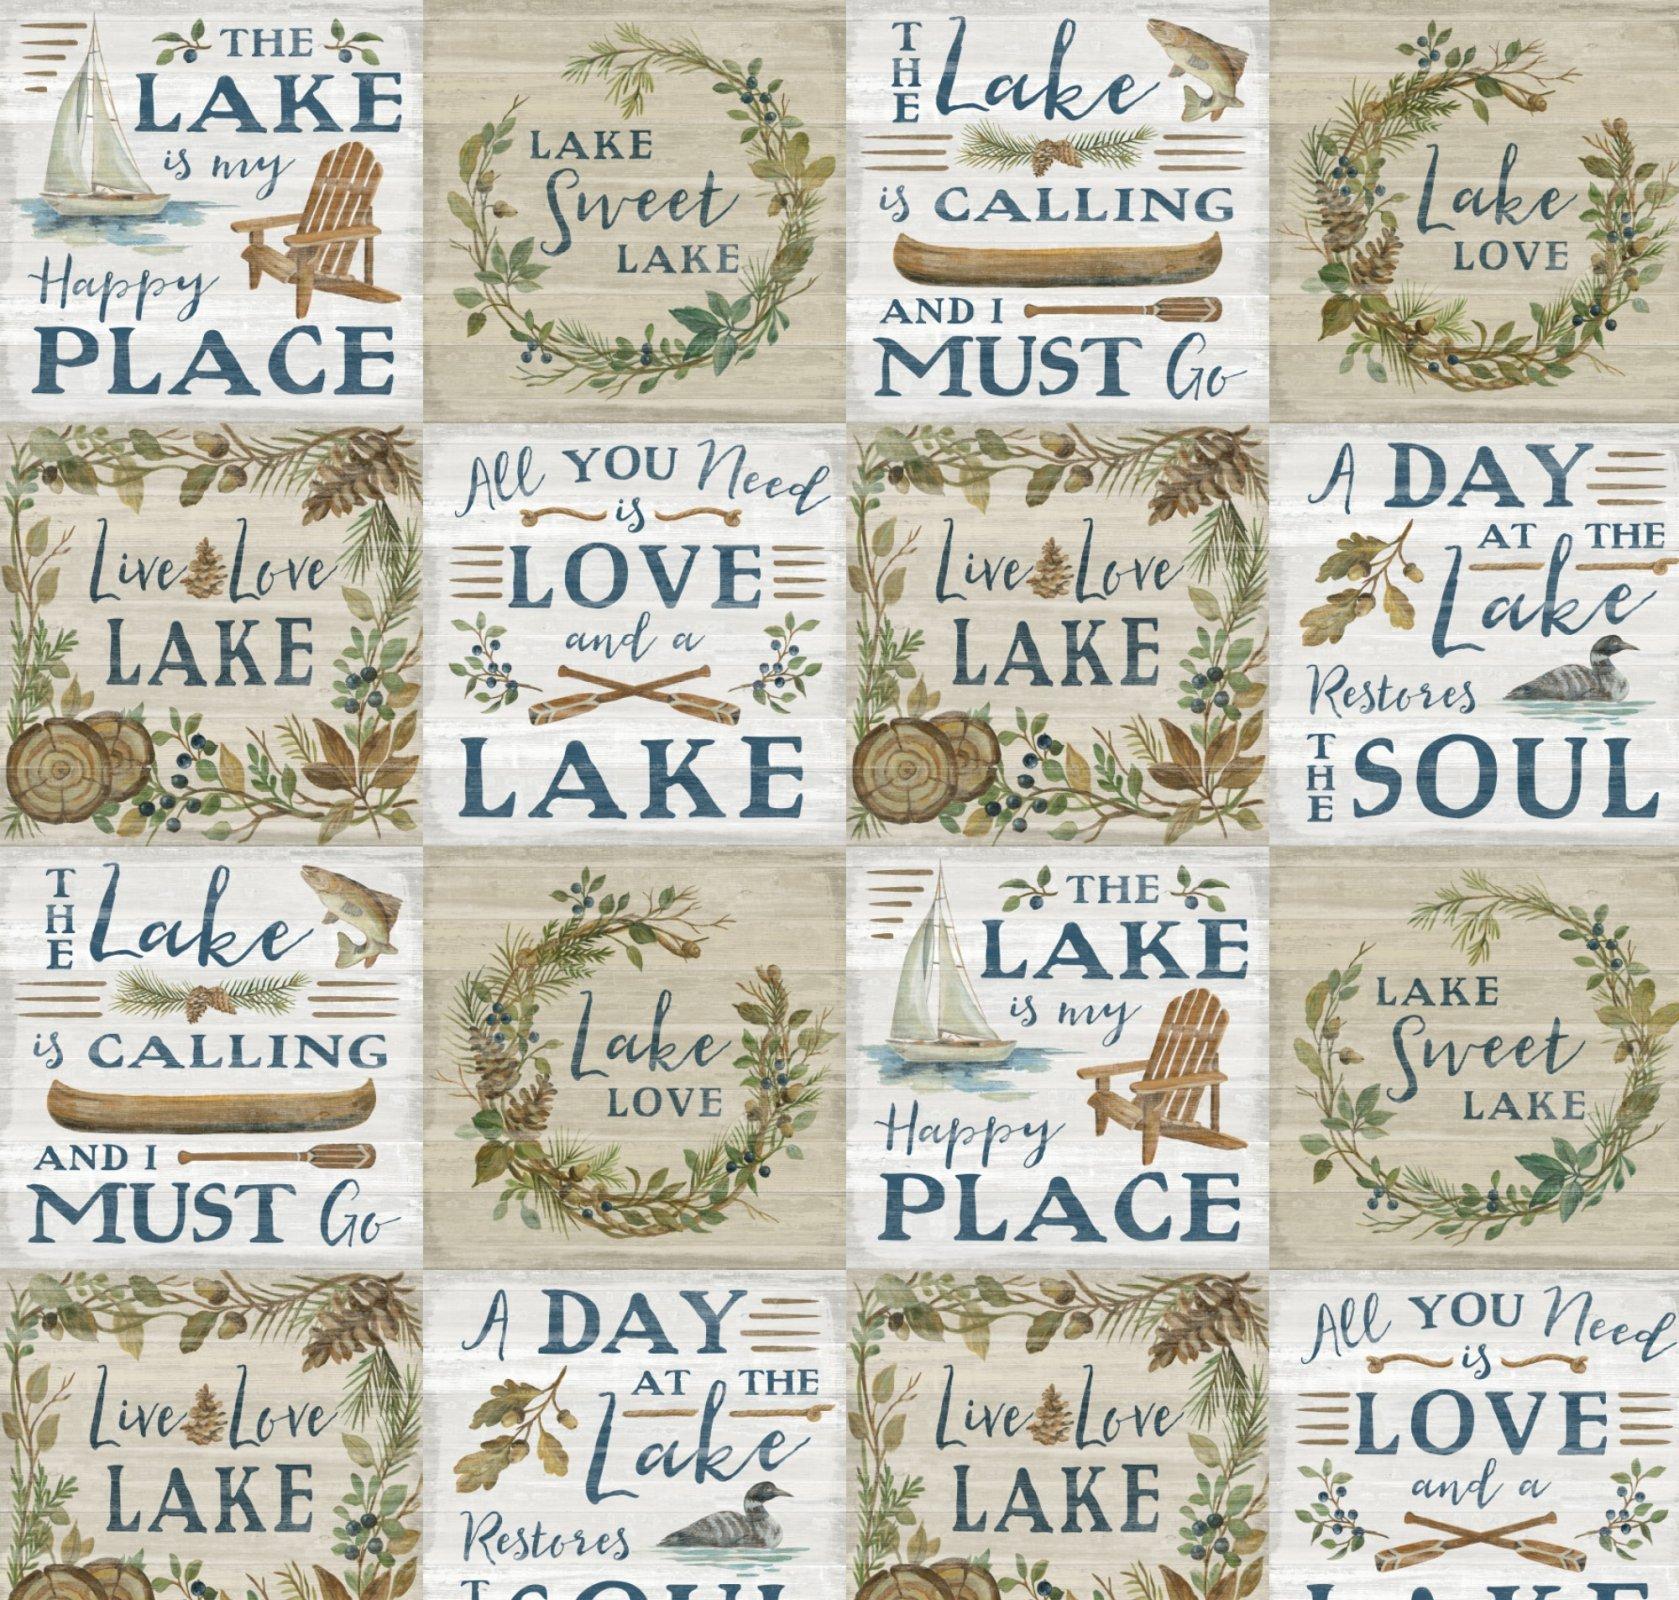 DT-Lakeside Retreat WA-5908-0C-1 Tan/Multi - Lakeside Patch